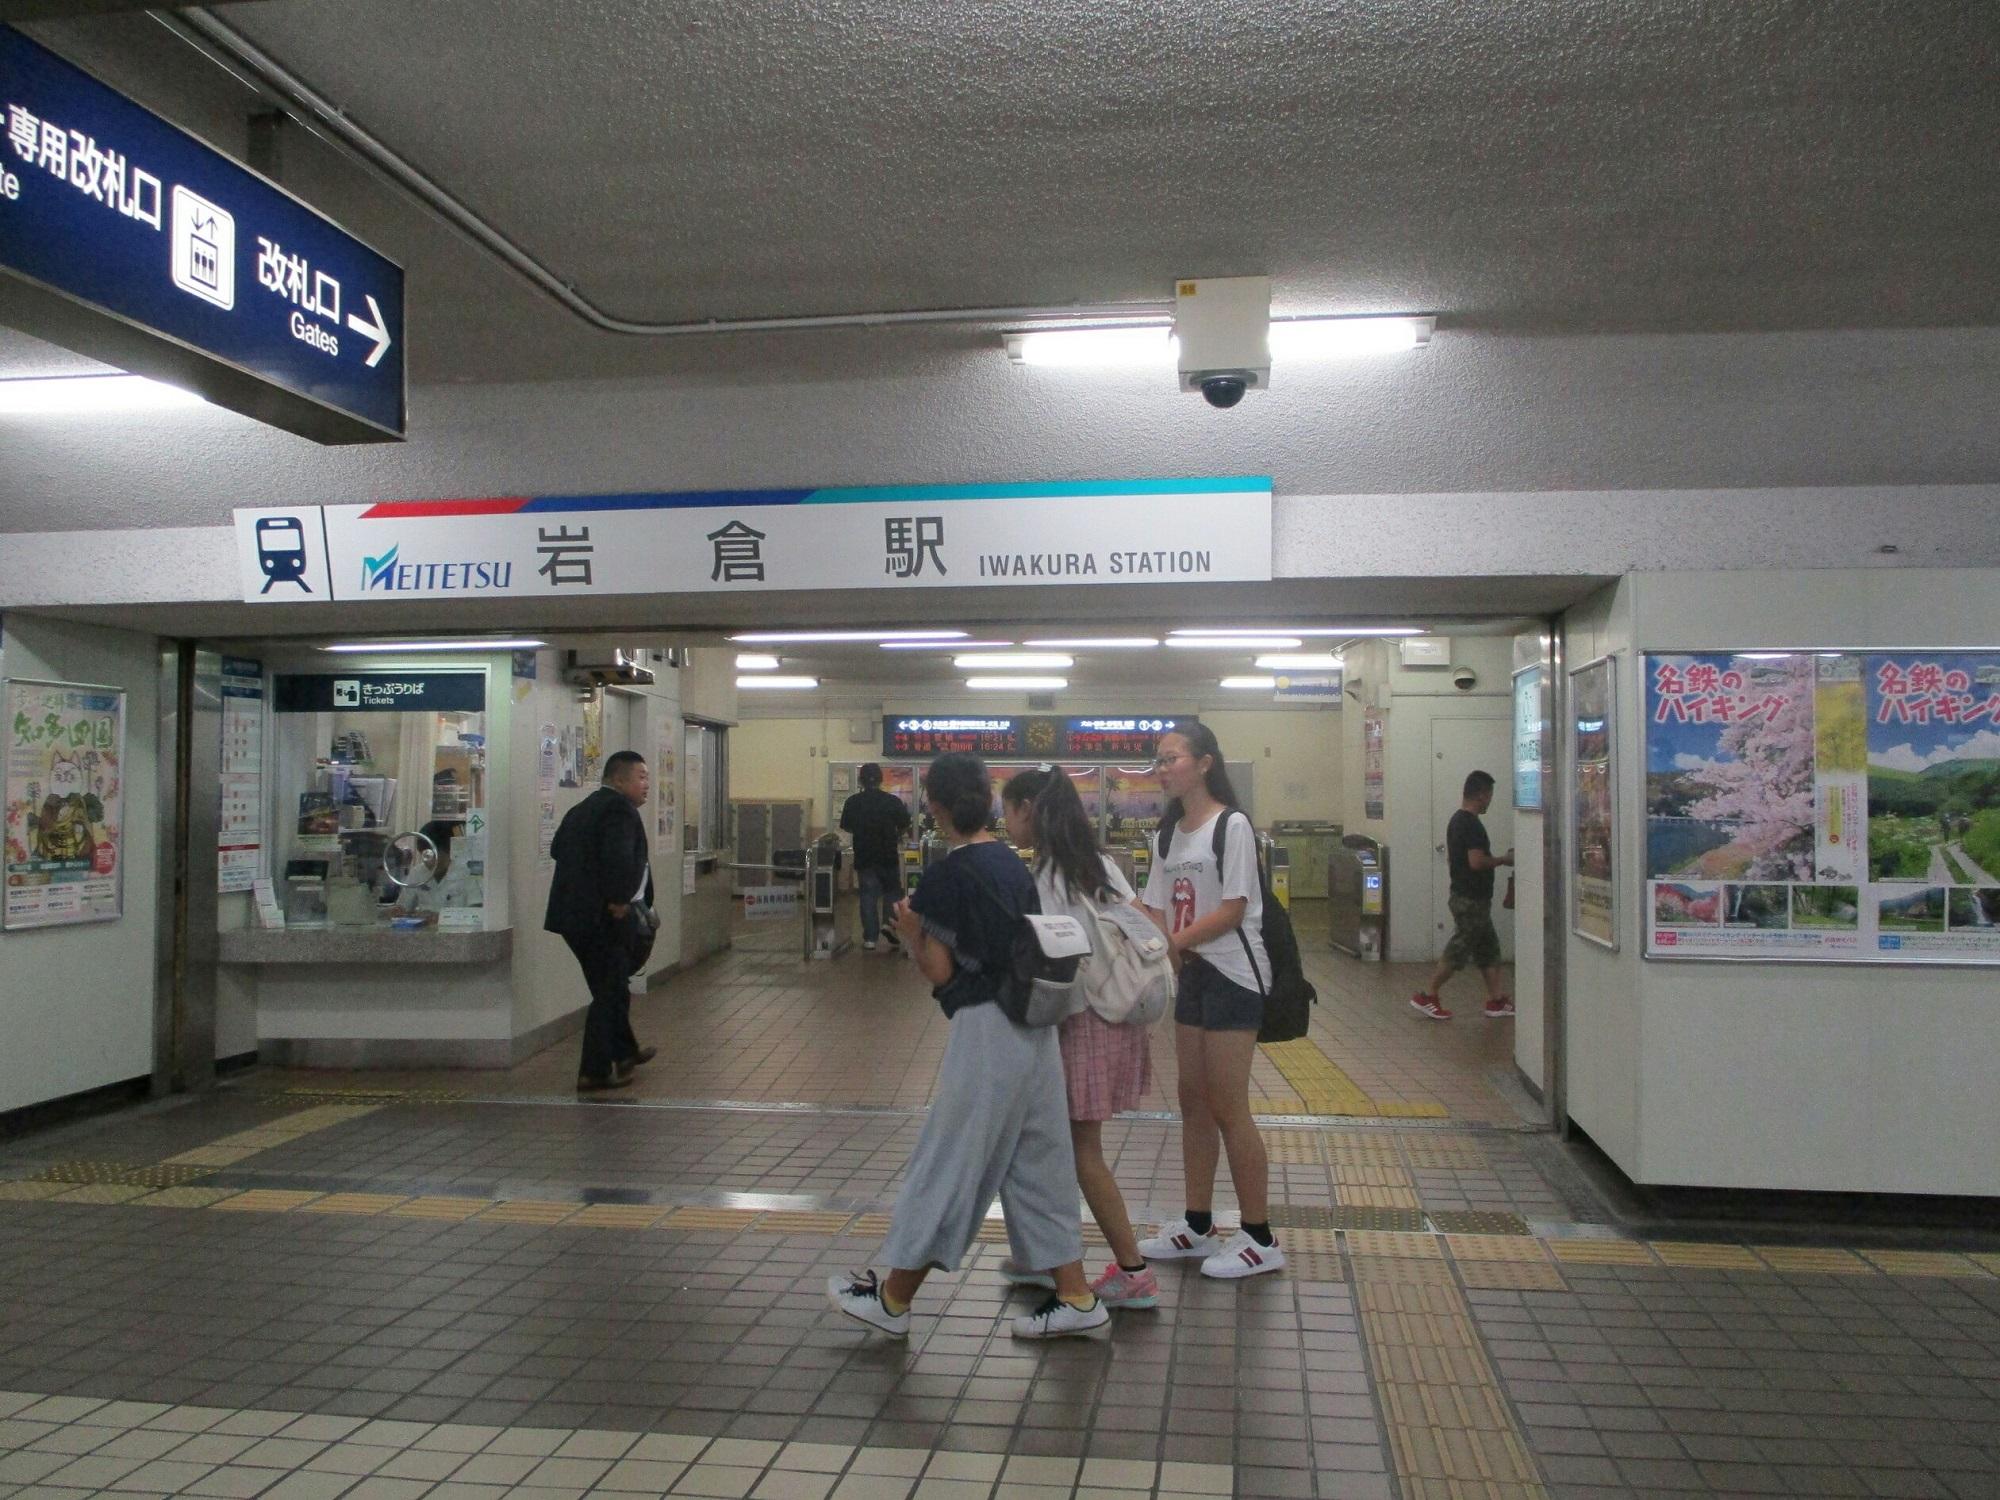 2018.6.30 (56) 岩倉 - かいさつ 2000-1500